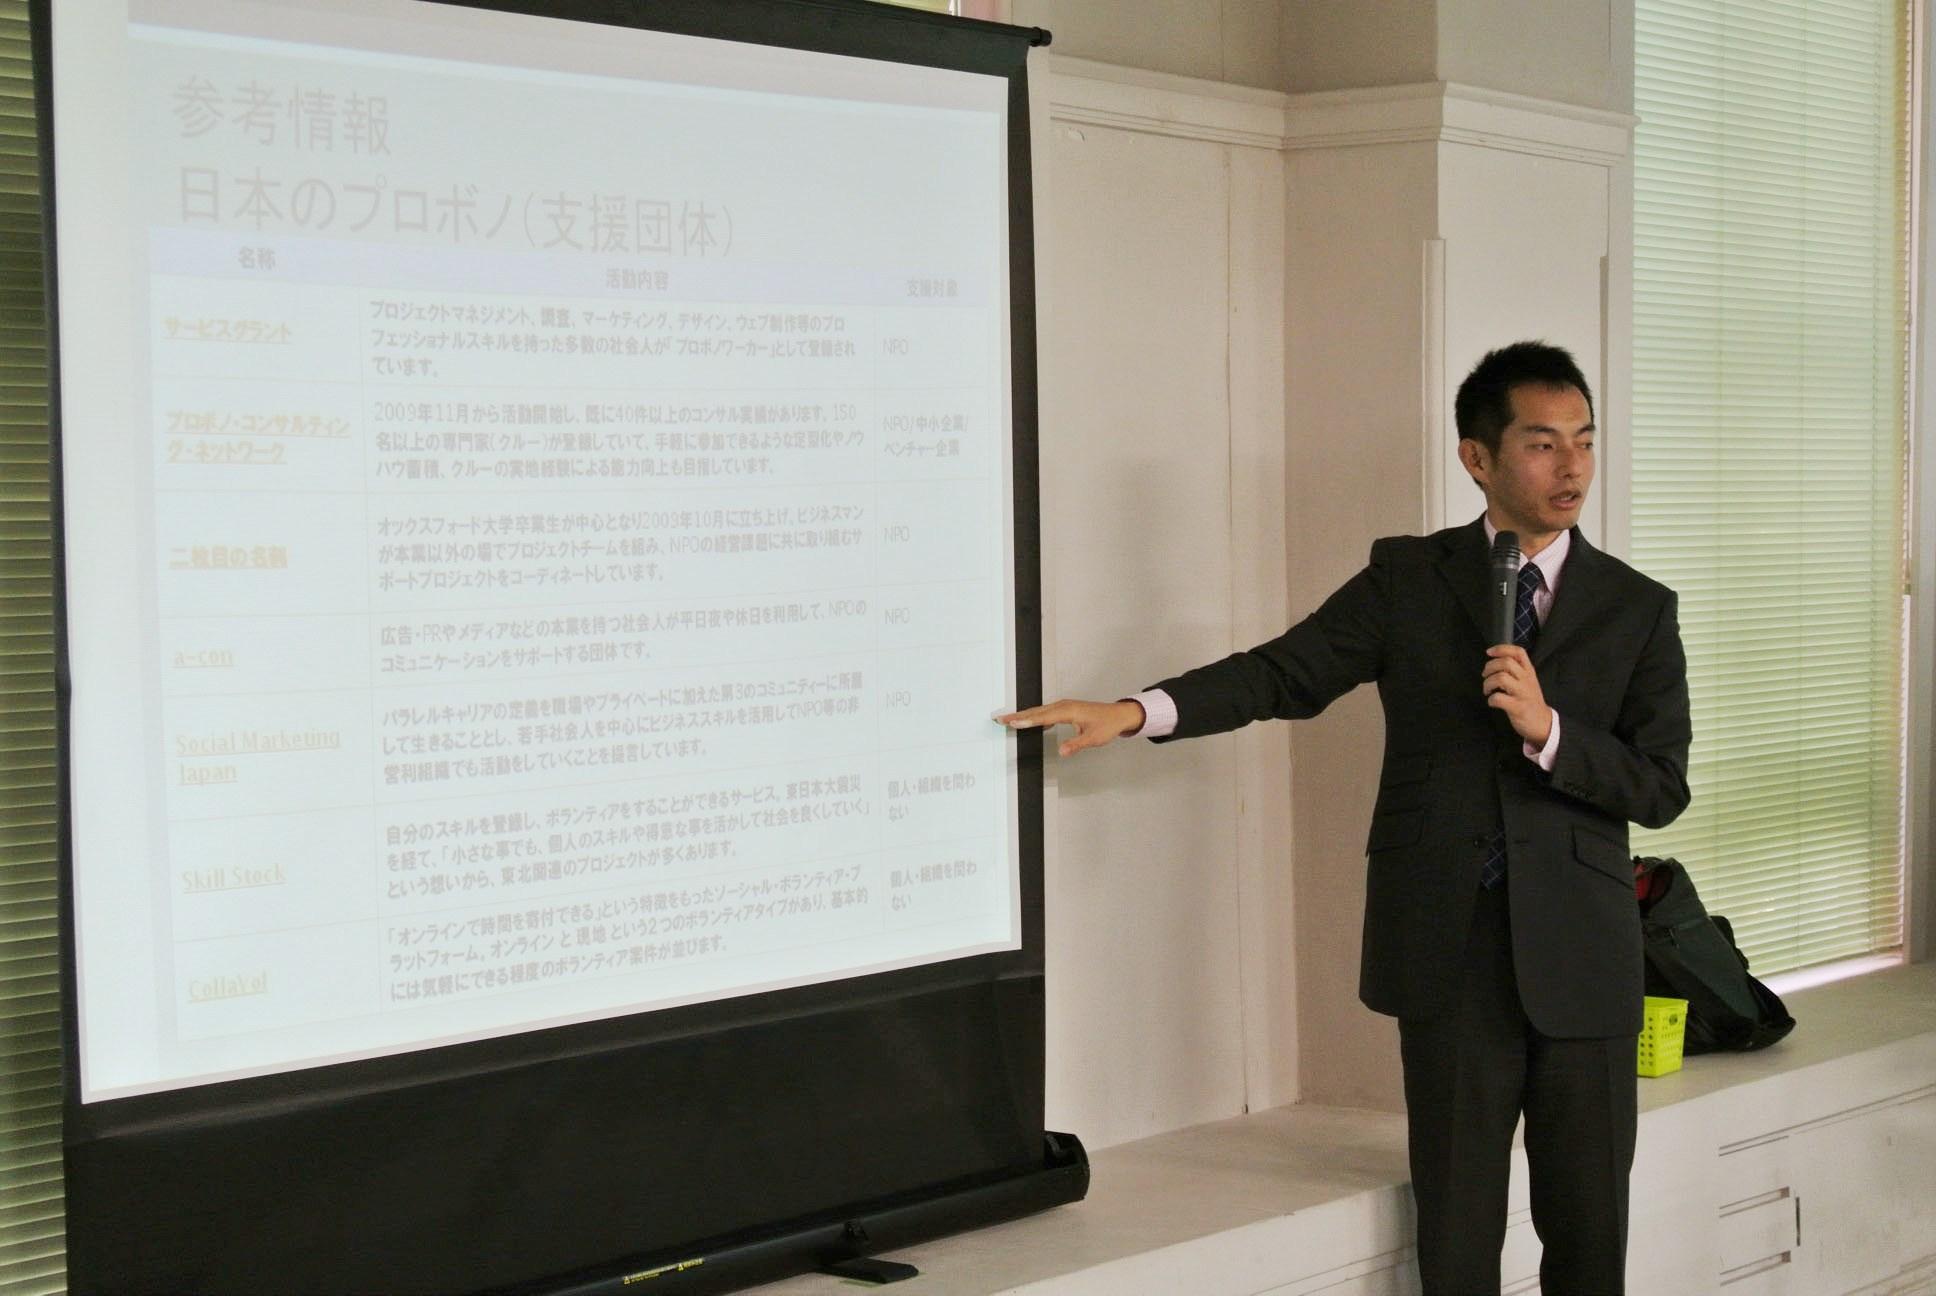 日本アイ・ビー・エム株式会社 社内チームで取組む地域貢献活動(前編)